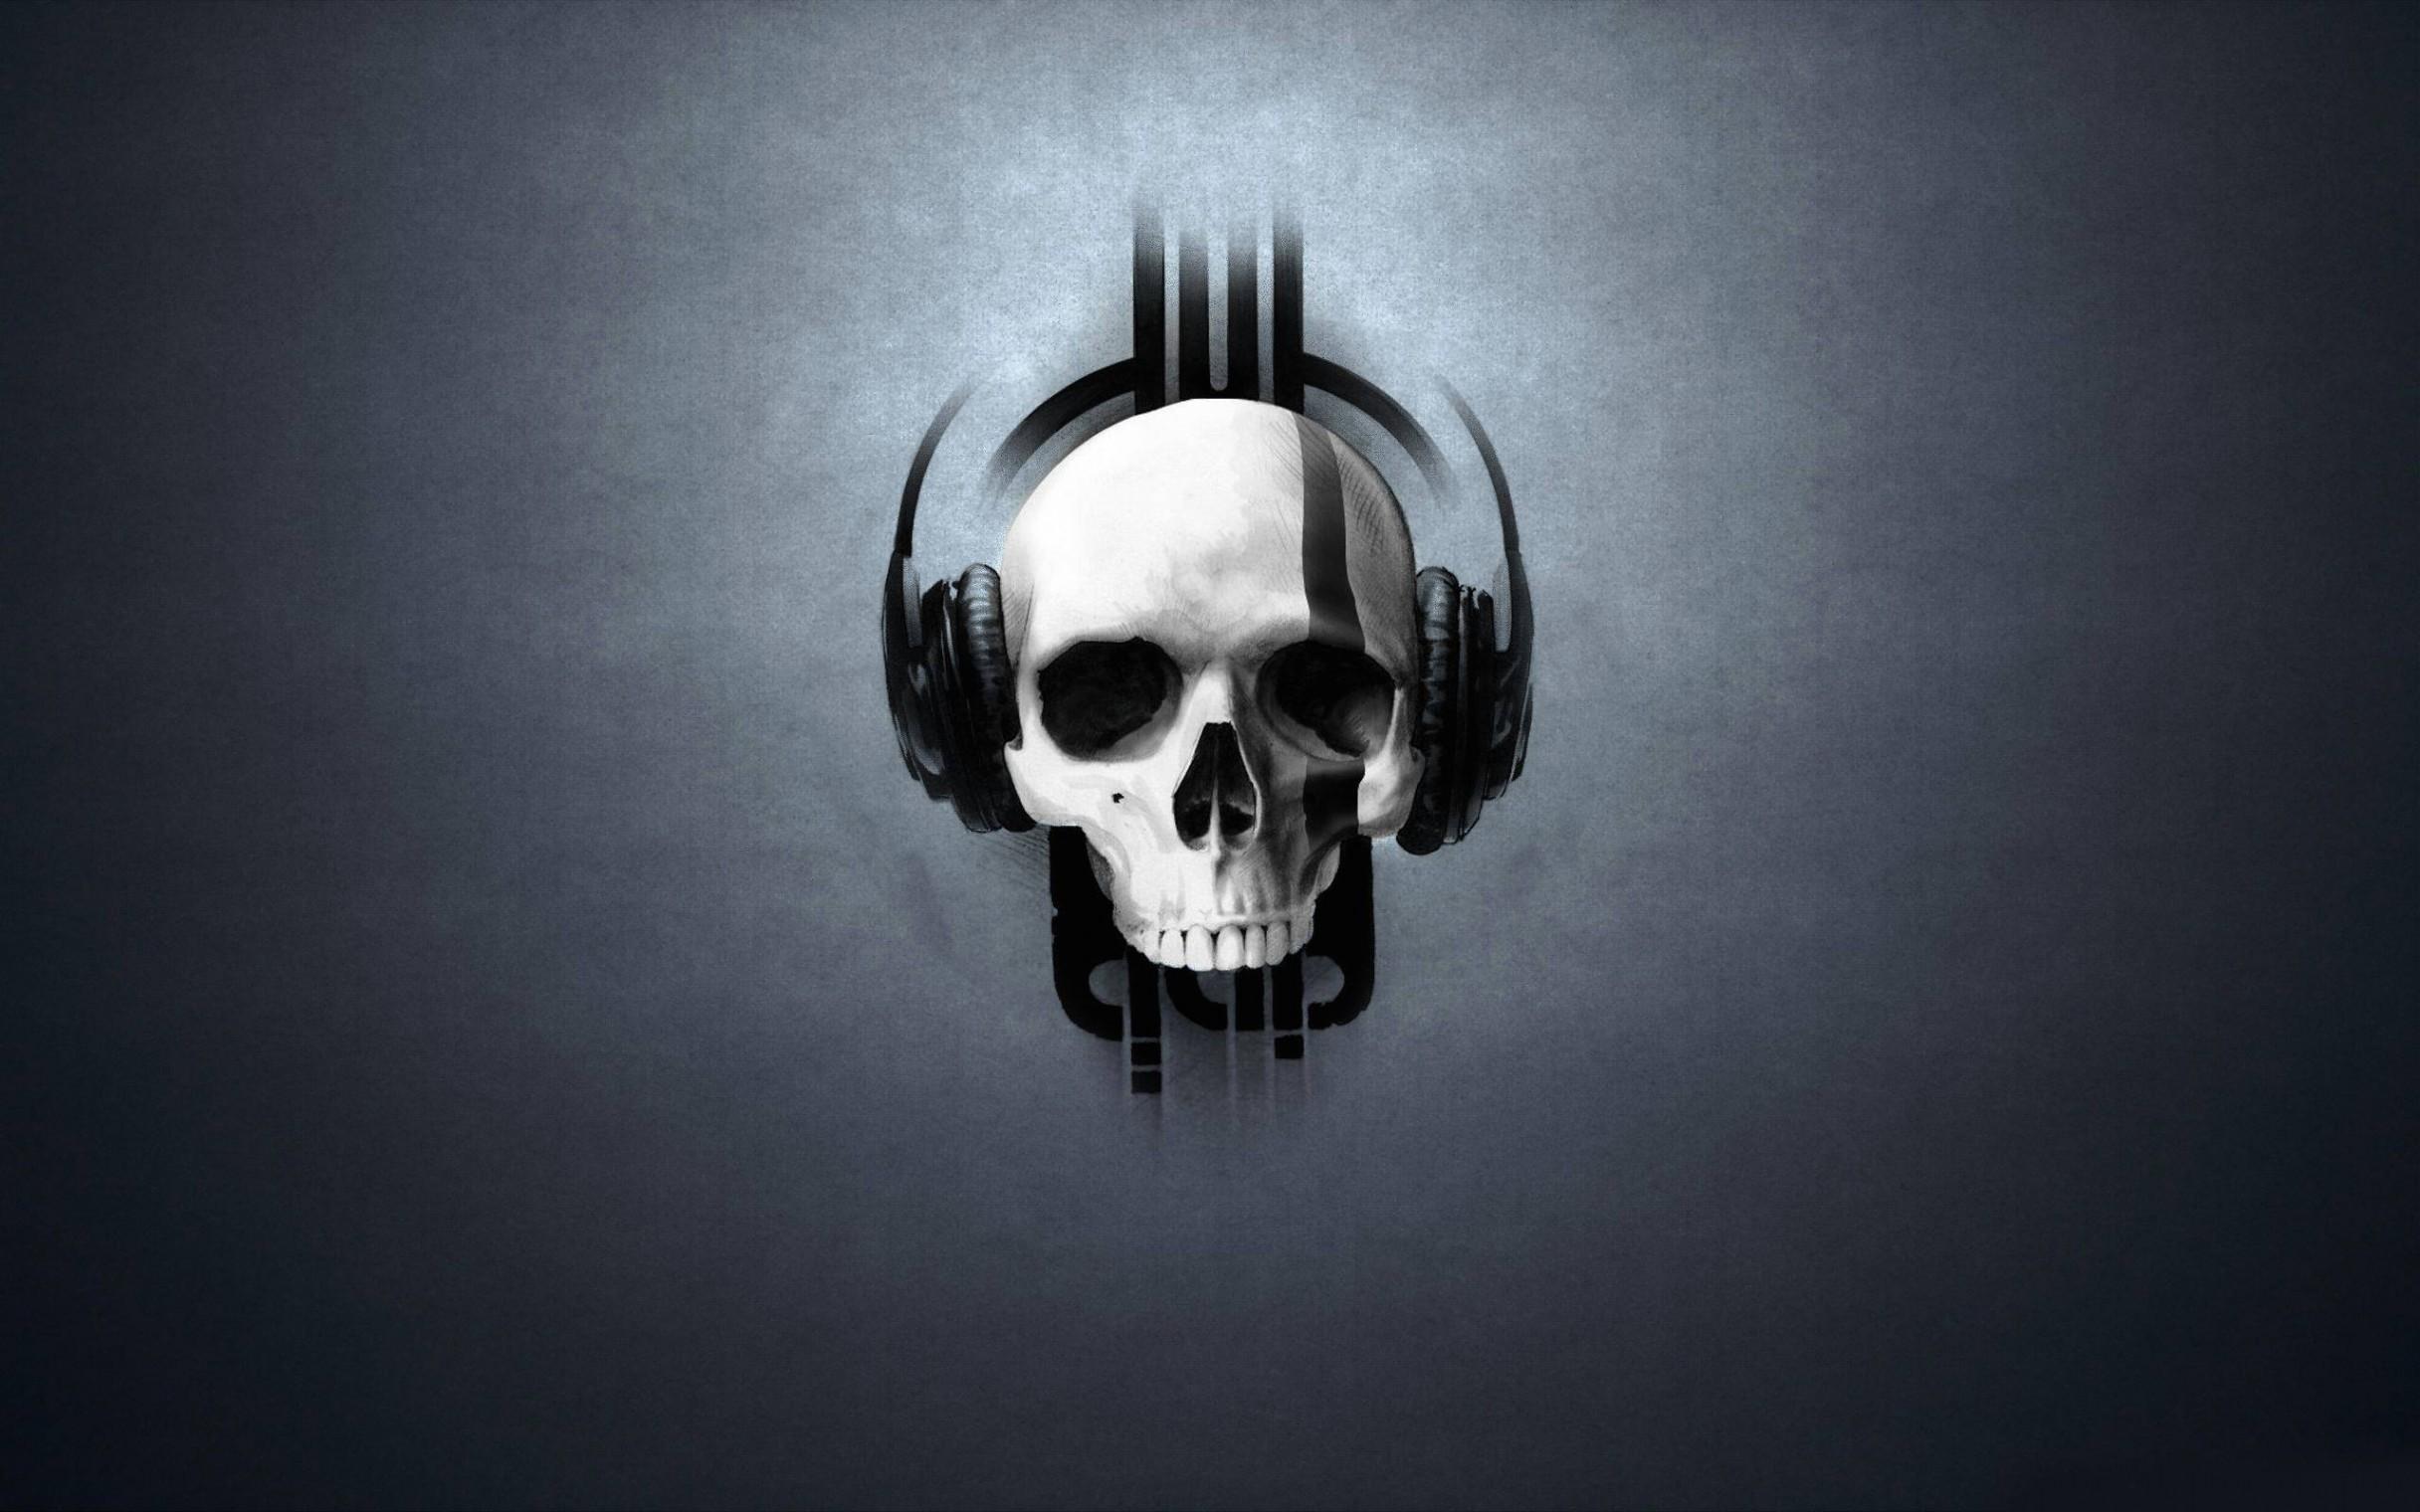 … skull wallpapers hdwallpaperme …